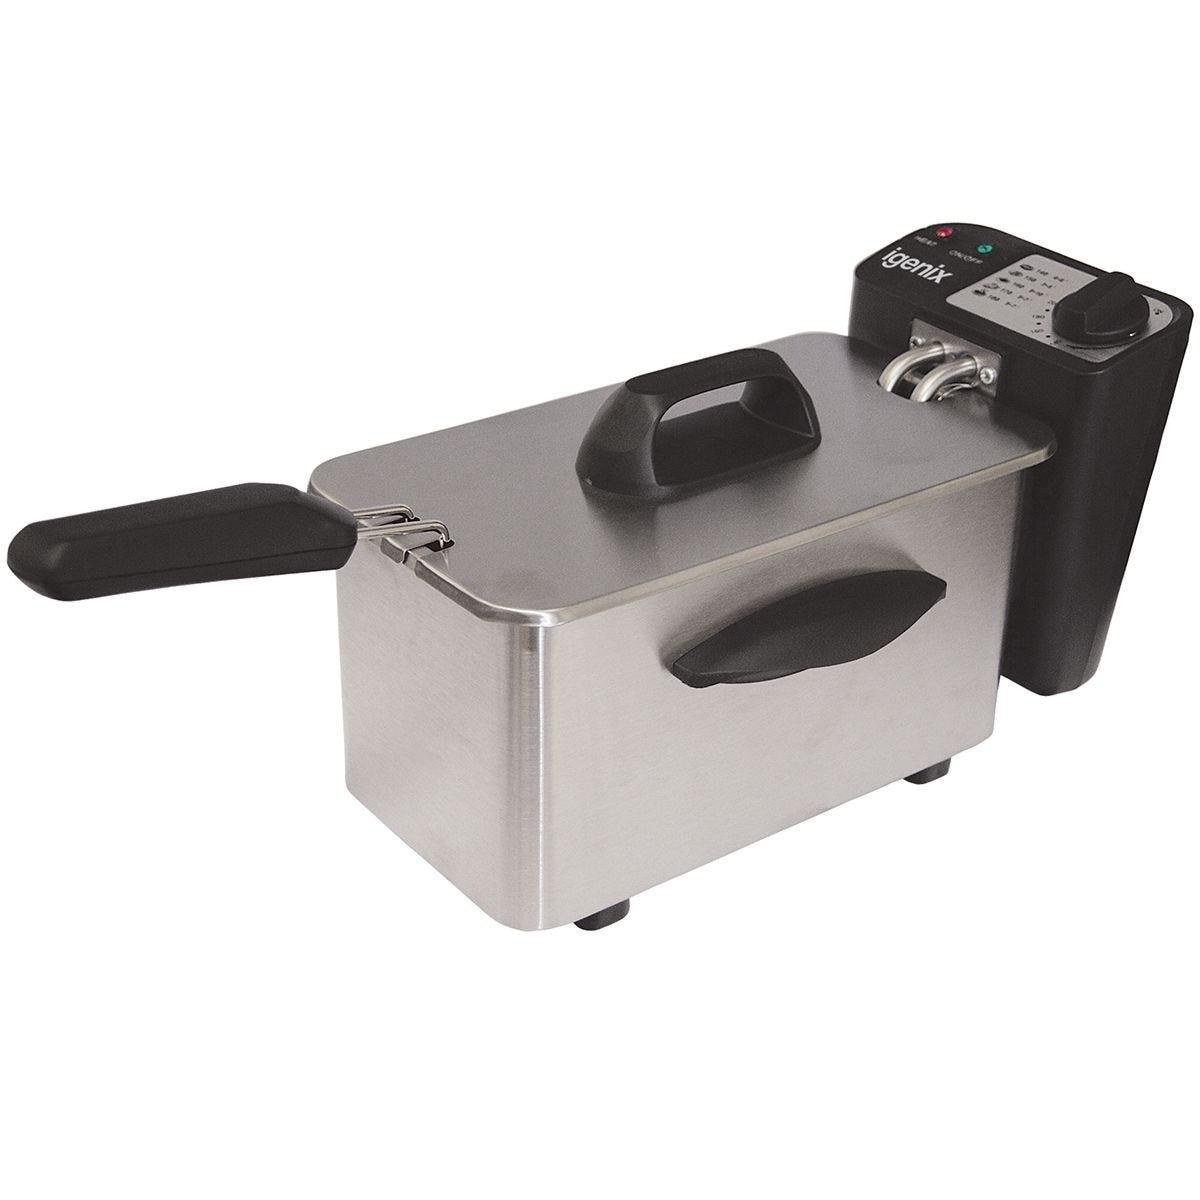 Igenix IG8015 1.5L 1500W Mini Deep Fat Fryer – Stainless Steel